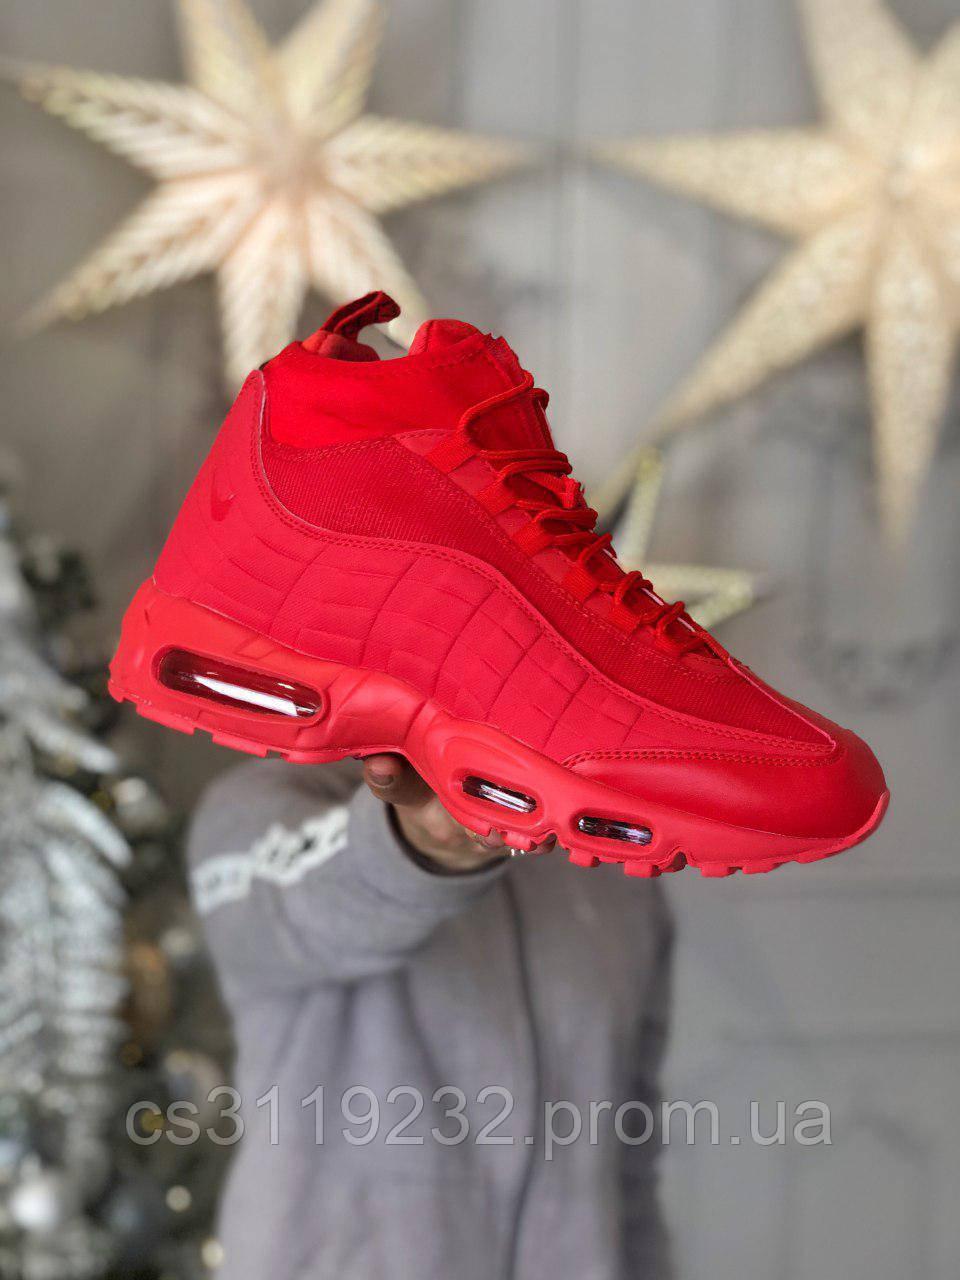 Мужские кроссовки (еврозима) Nike Air Max 95 Sneakerboot (красные)